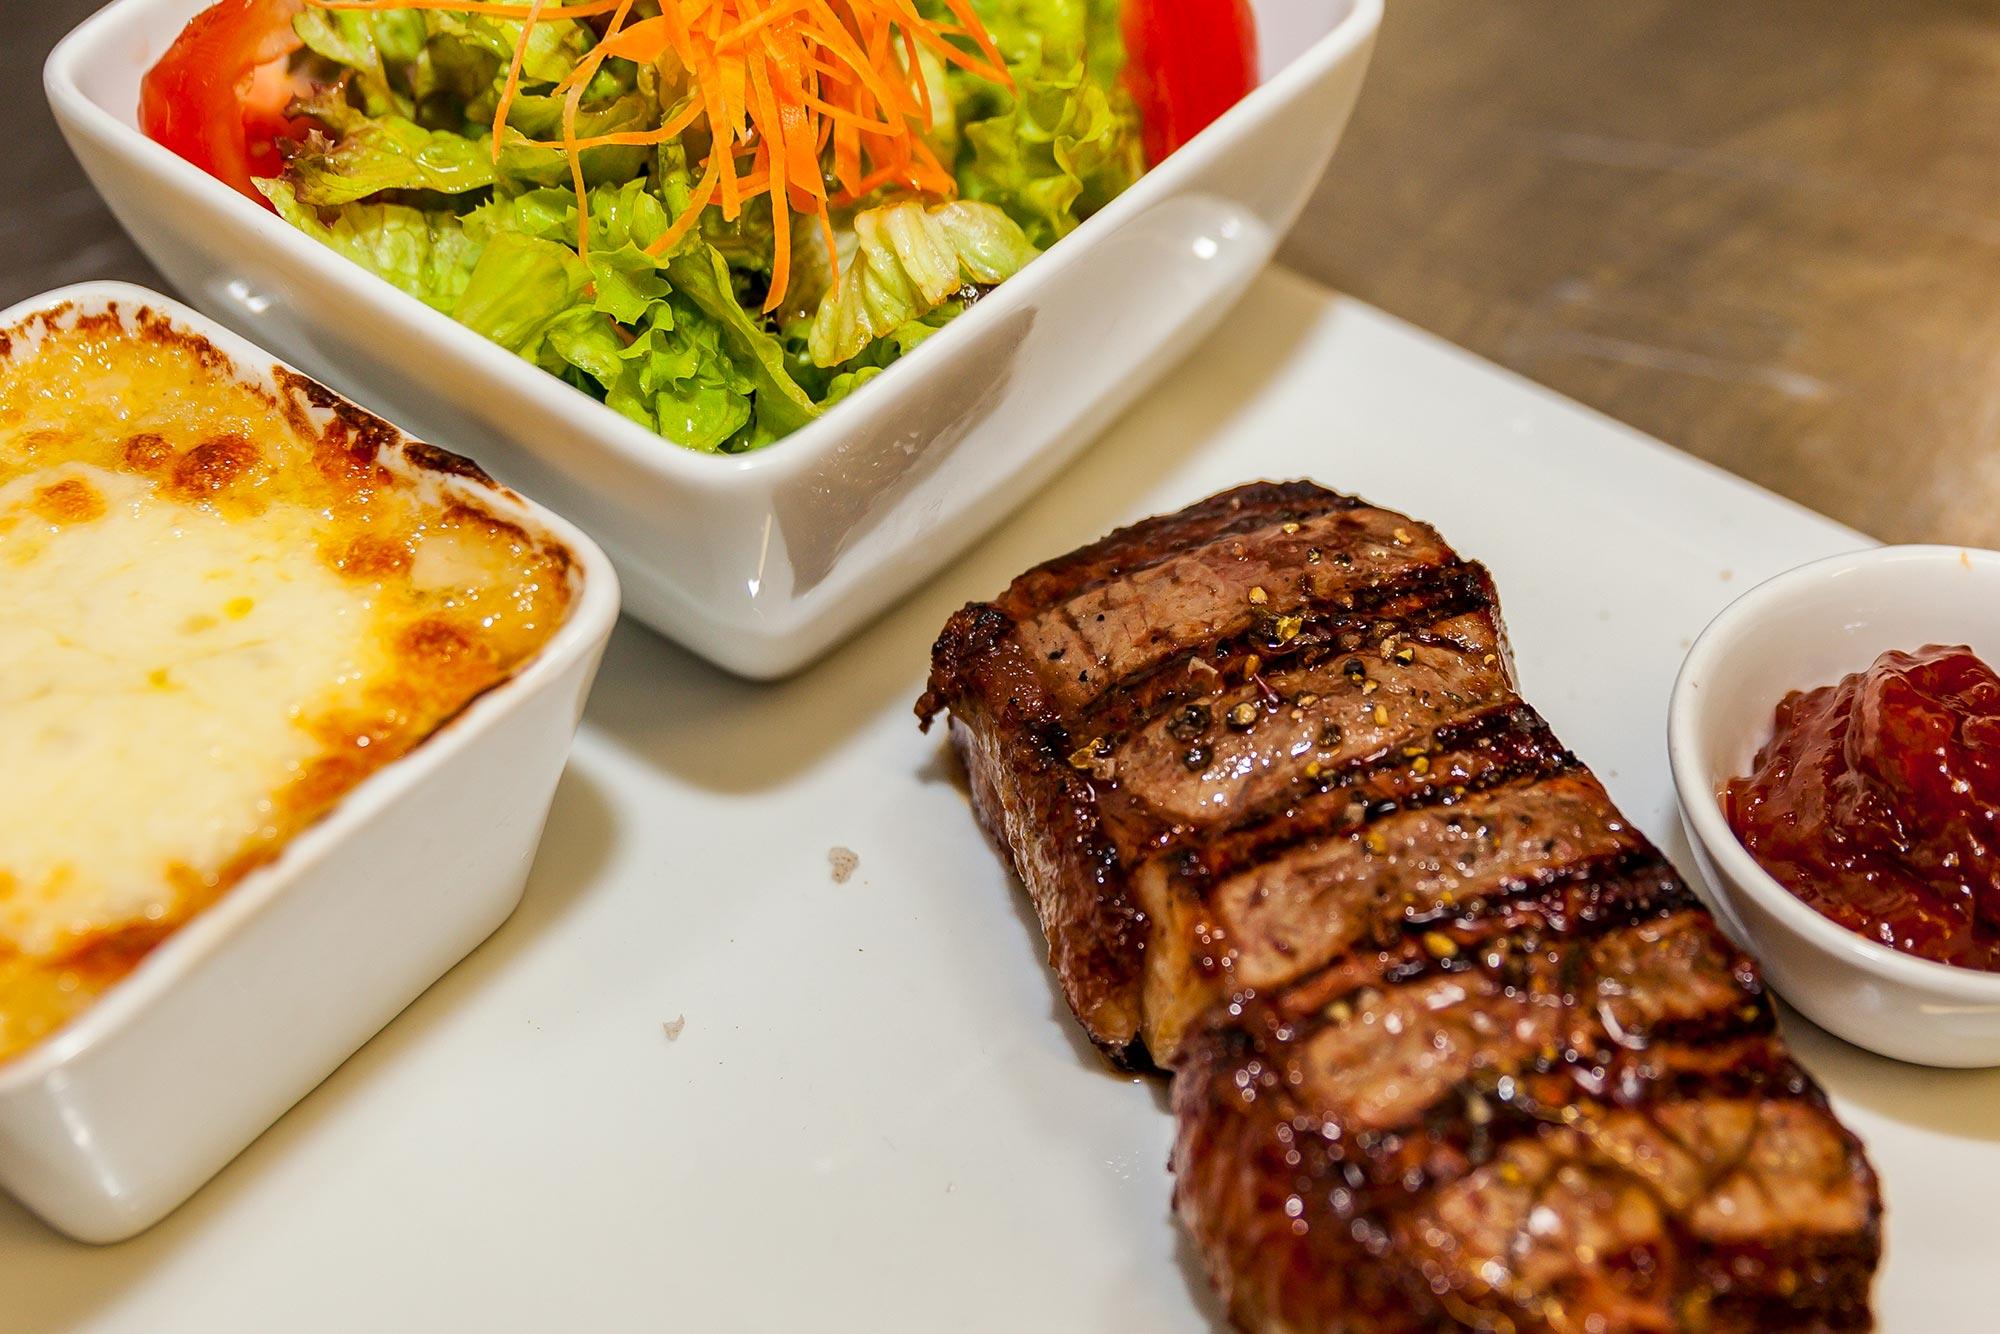 Hudsons Rib Eye Steak